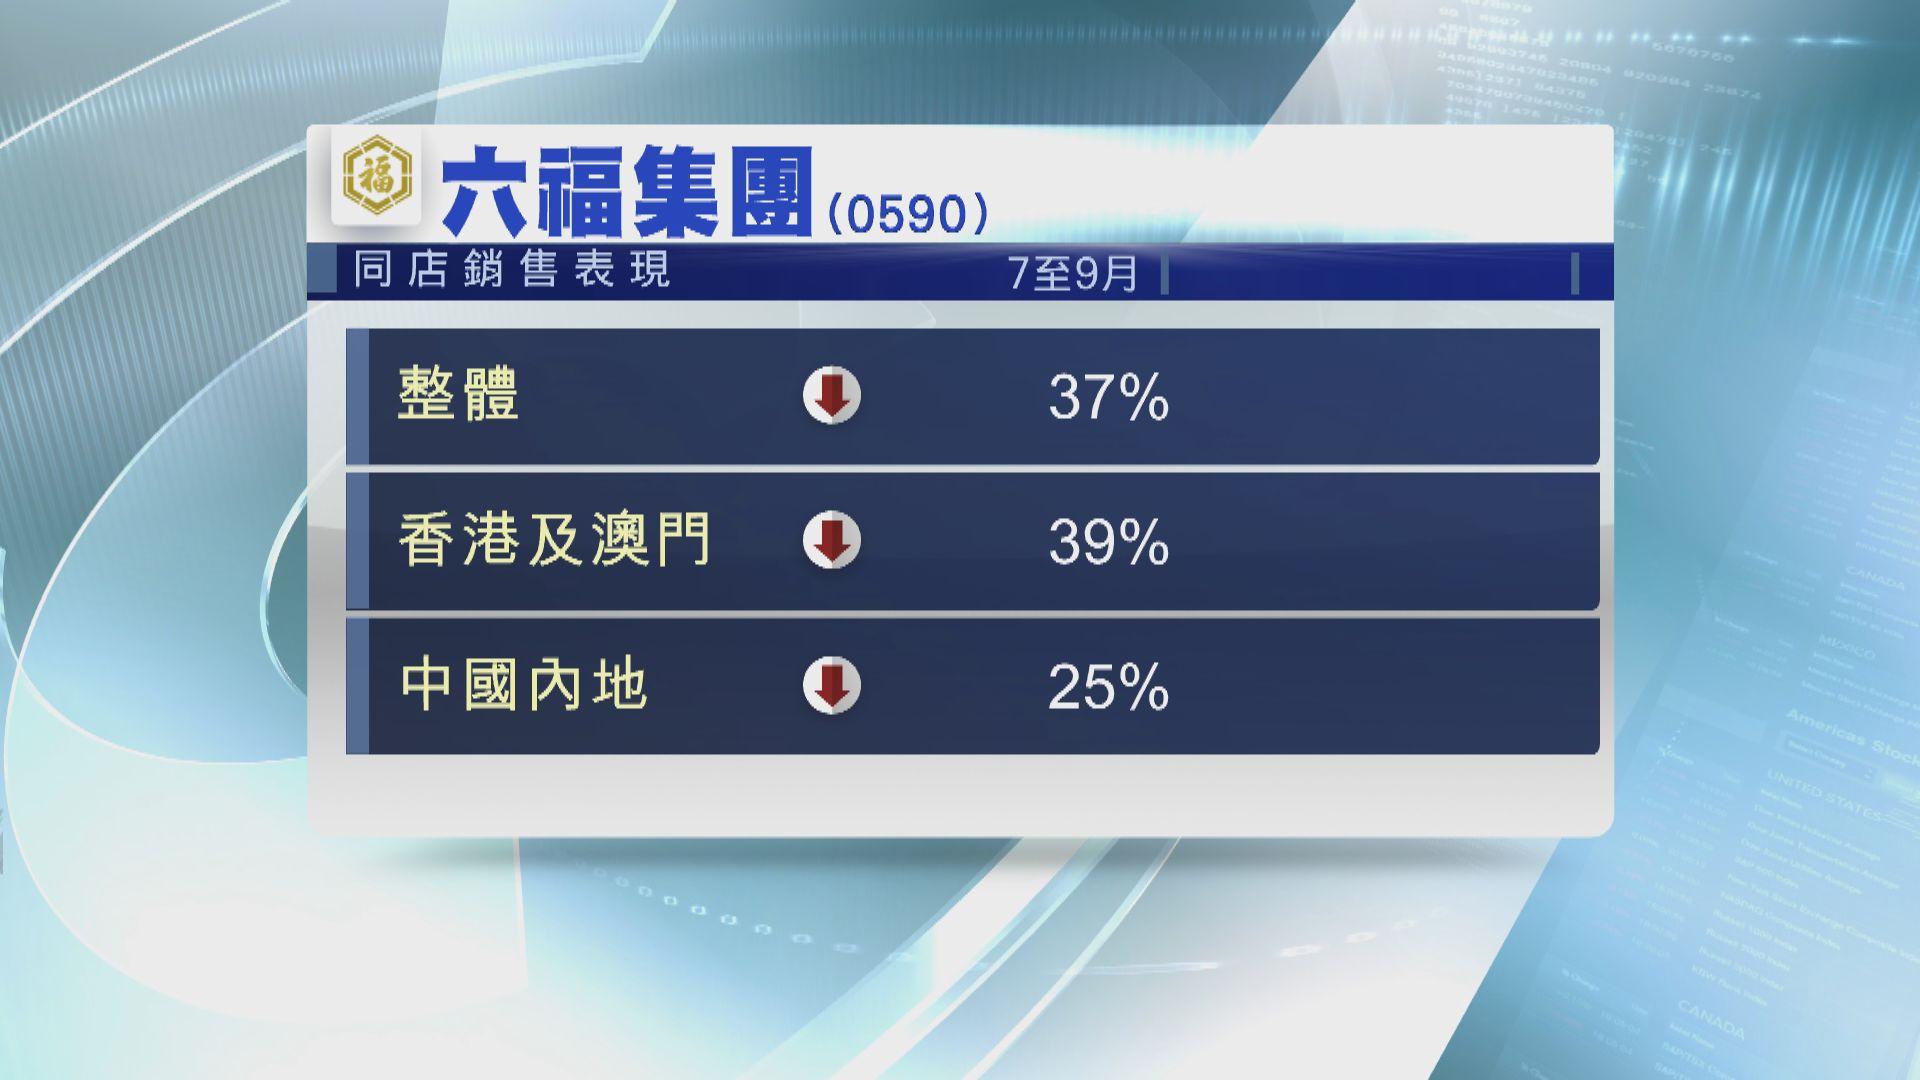 【負增長】六福第二季同店銷售按年跌37%